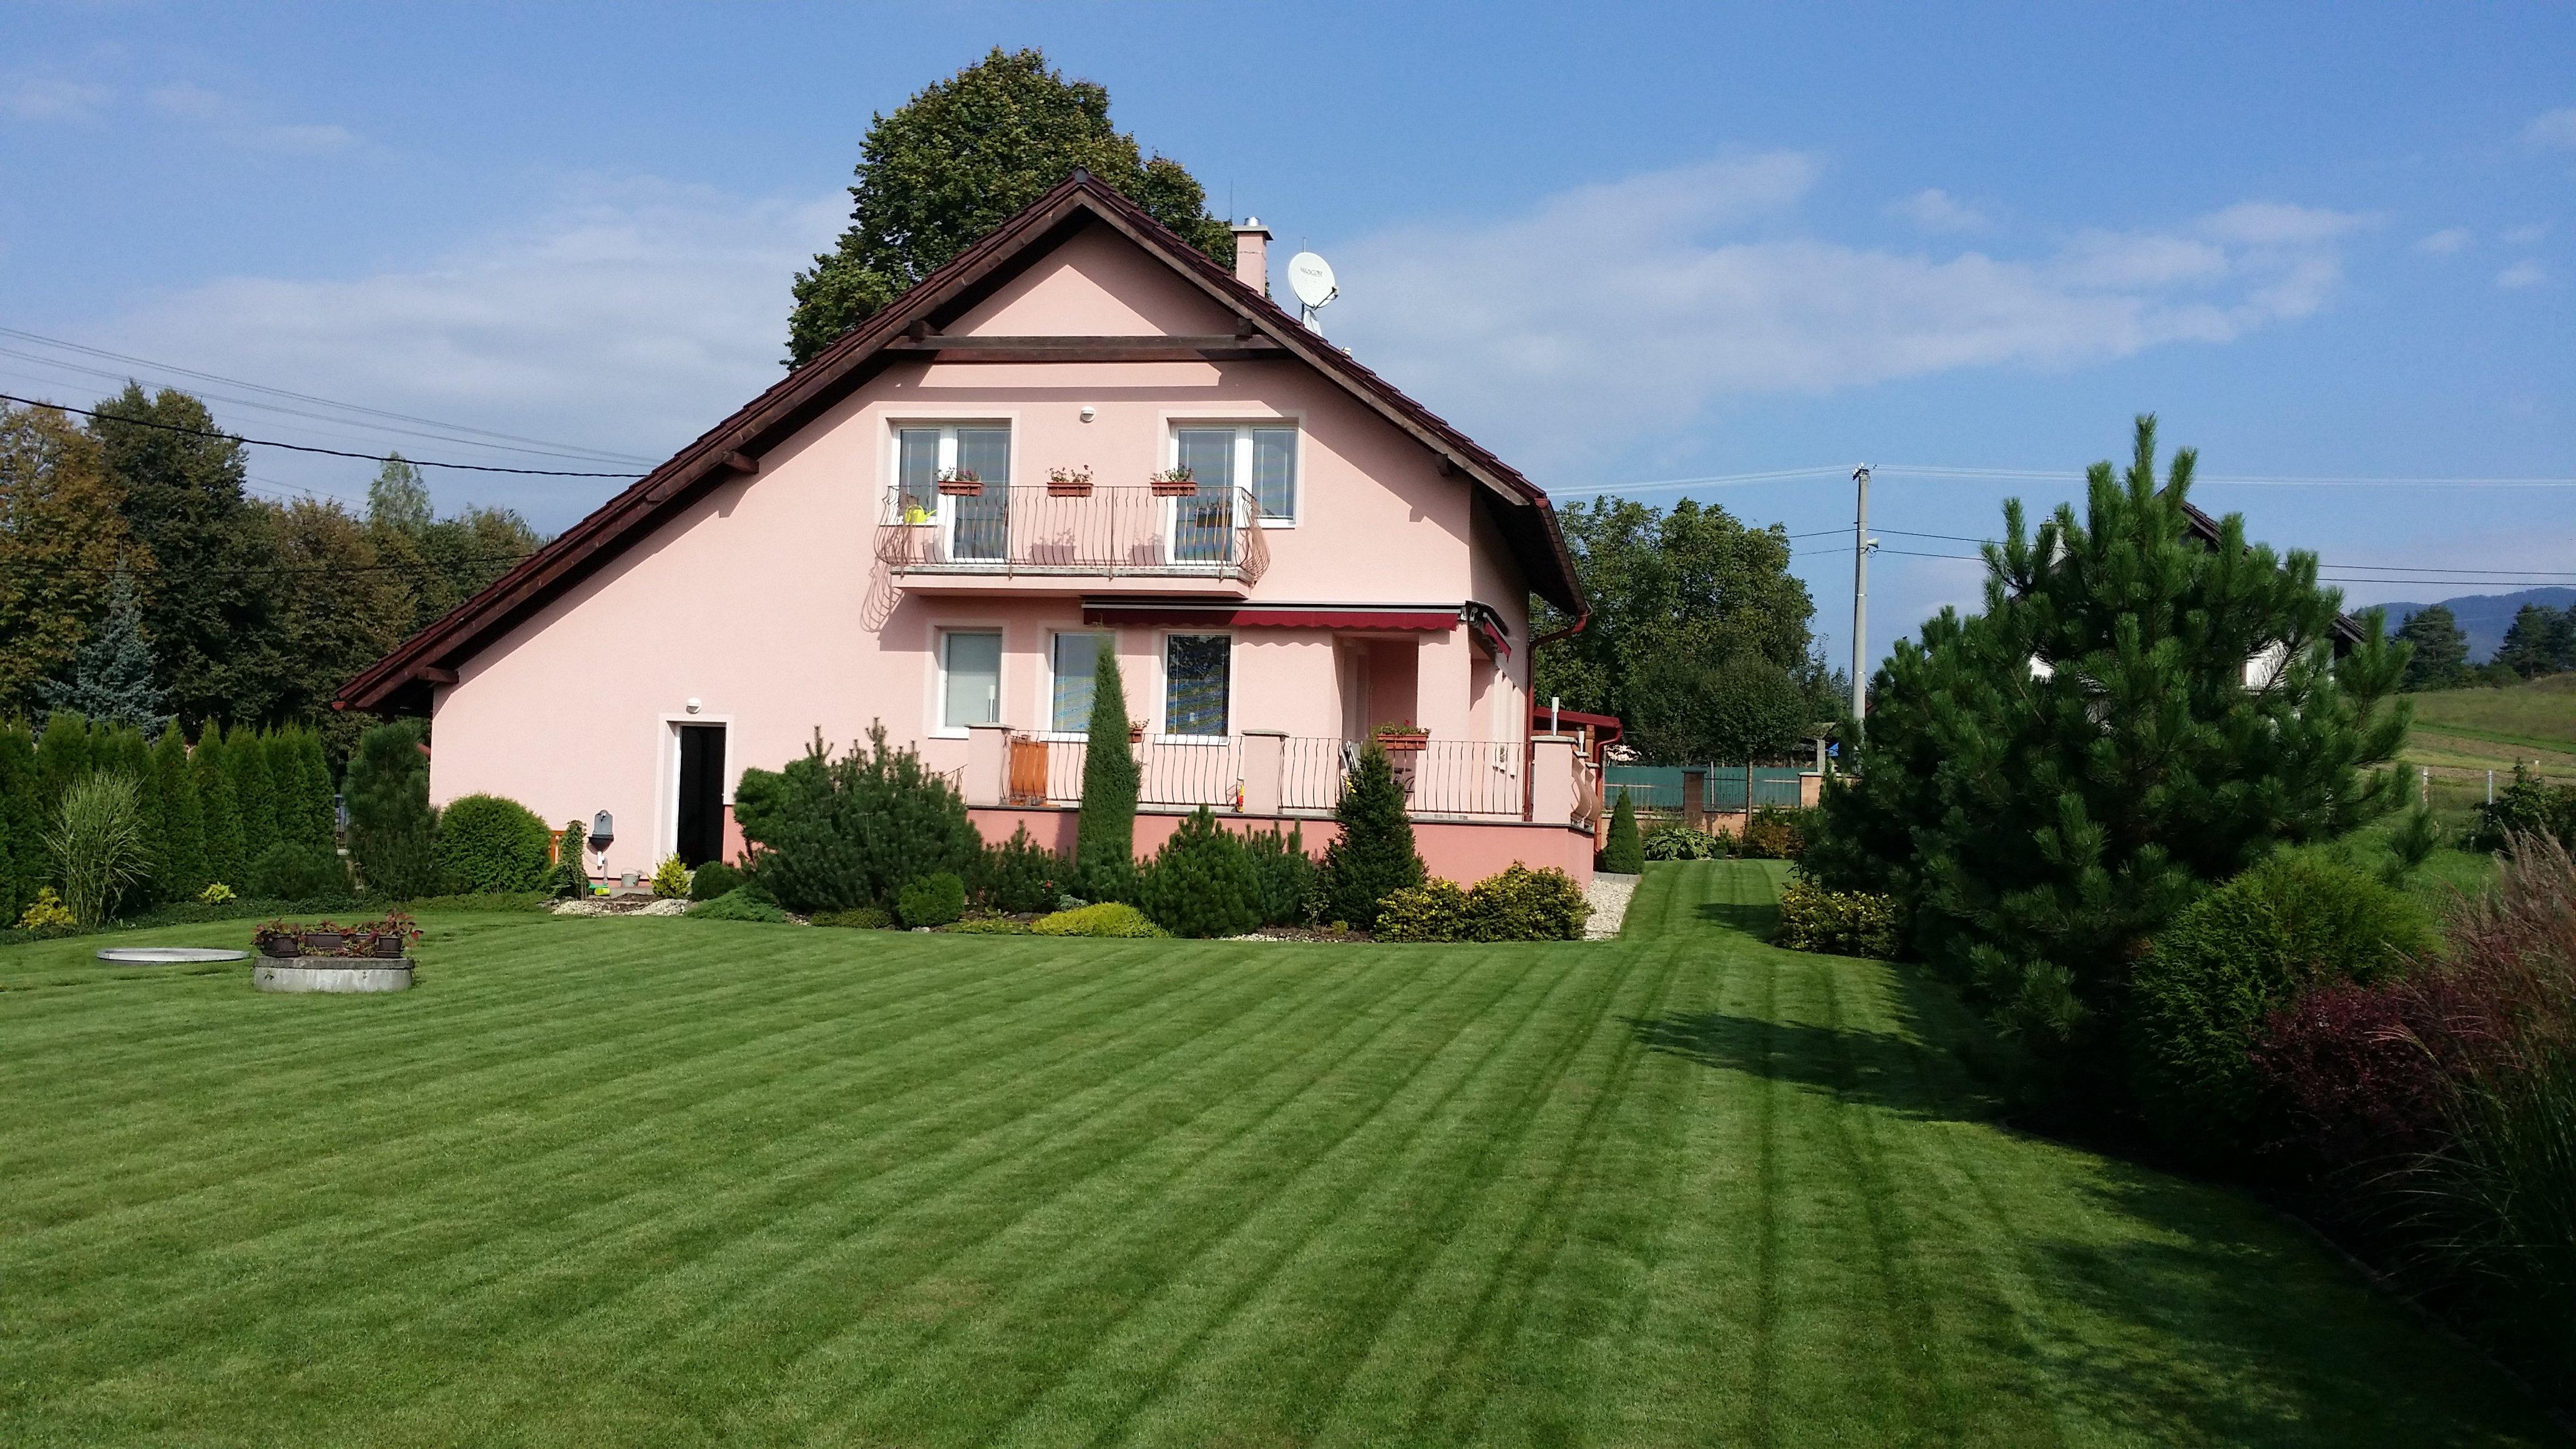 Predané: Predaj novostavby rodinného domu v obci Konská-1